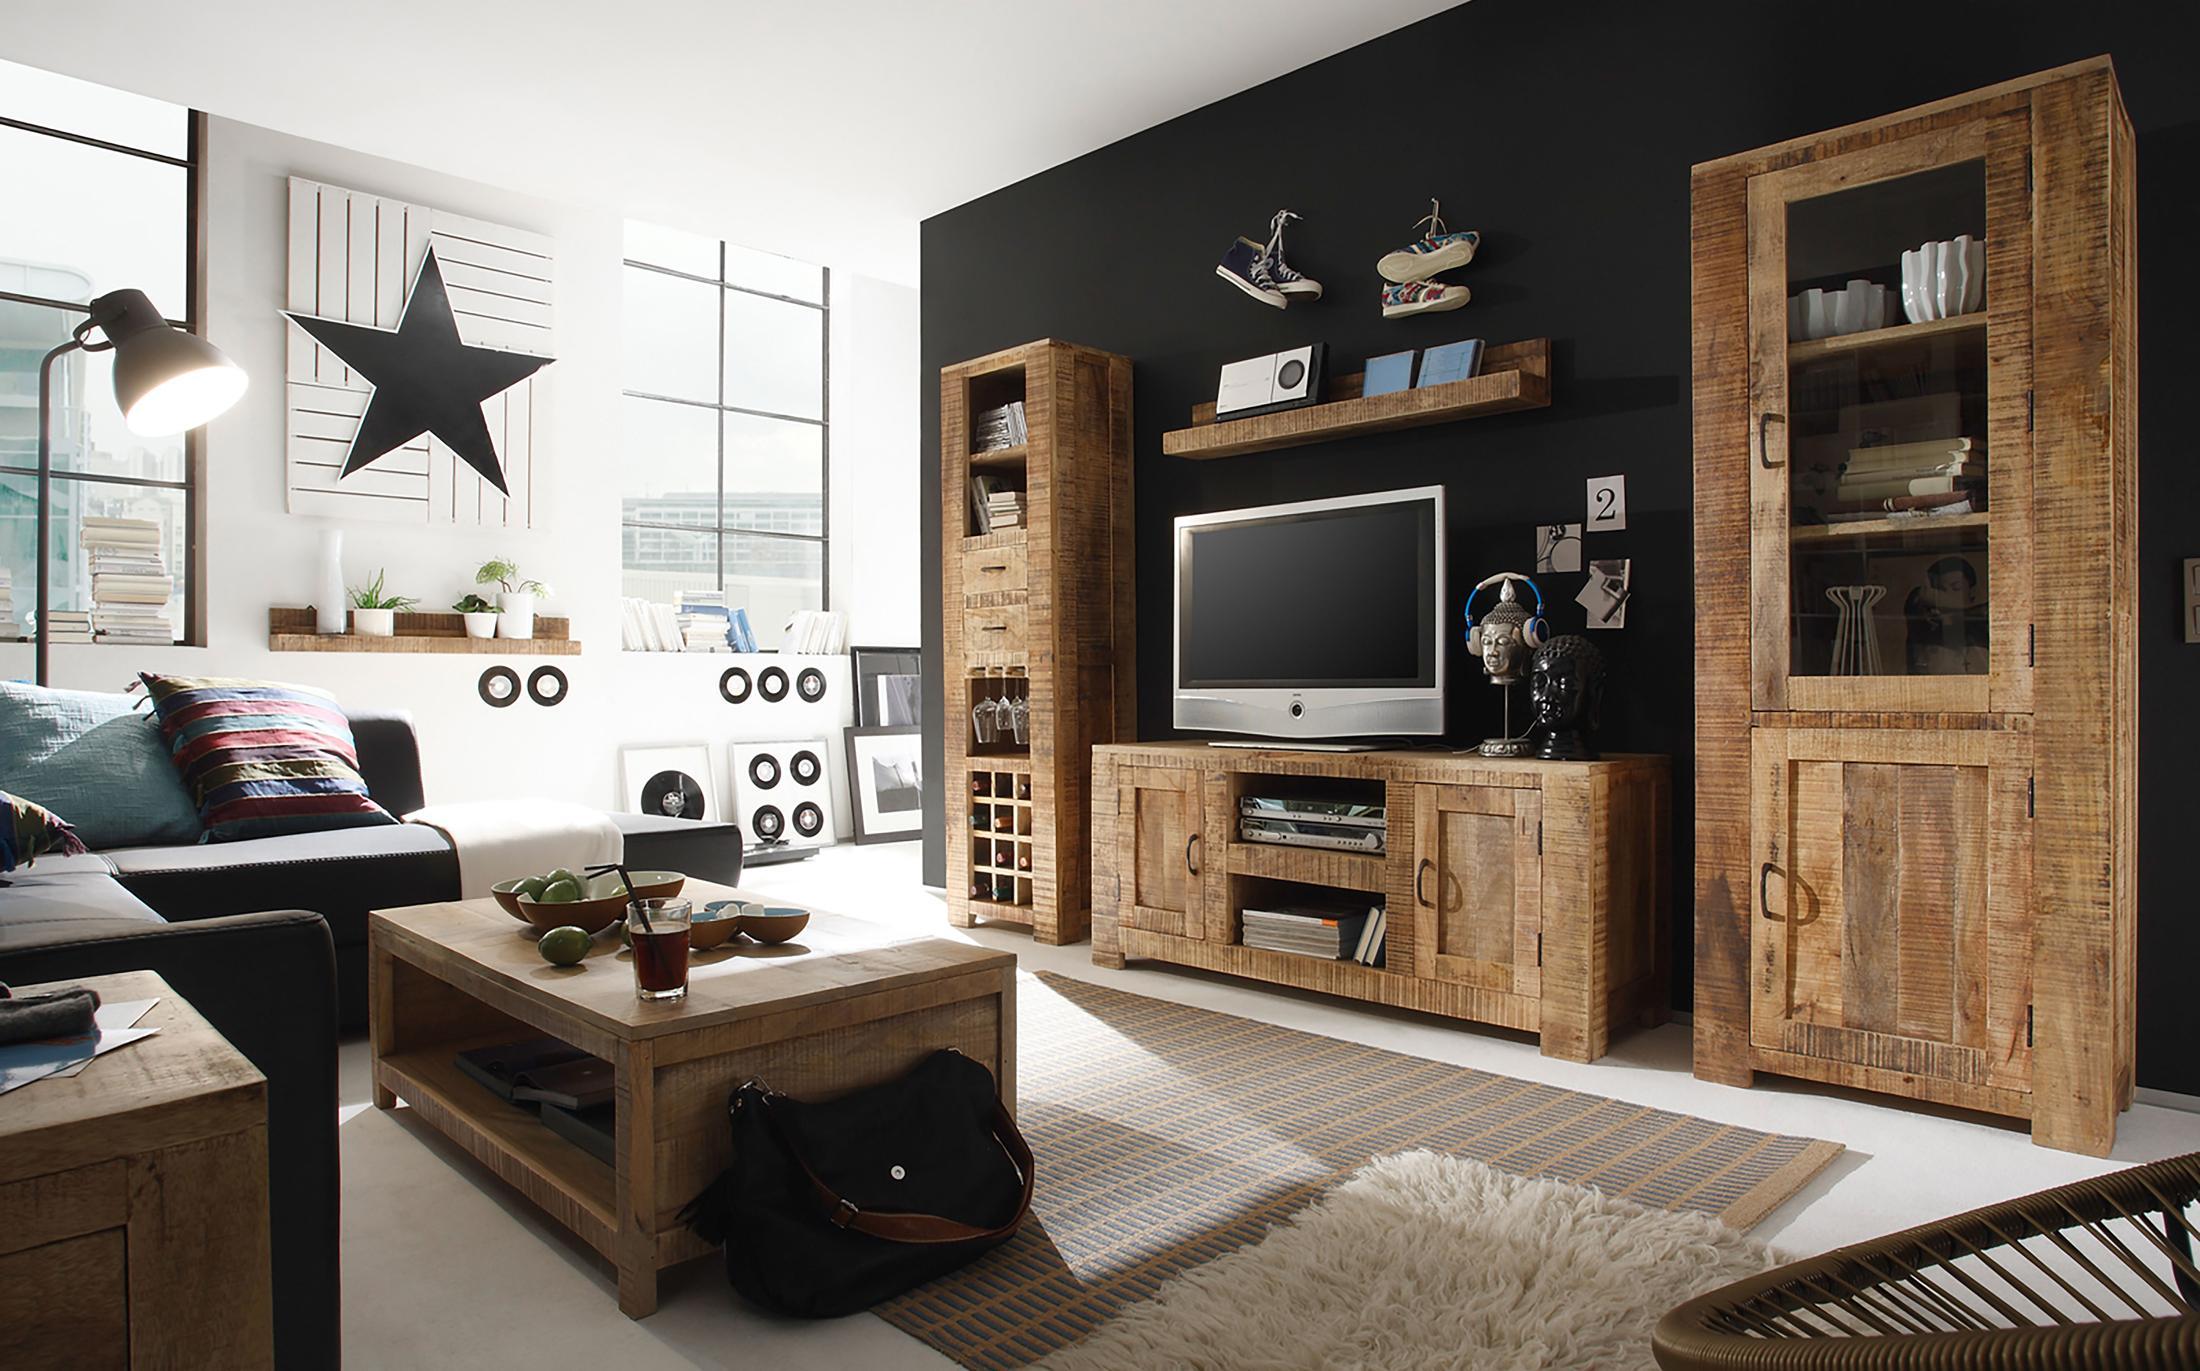 Full Size of Wohnzimmerschrank Bilder Ideen Couch Ikea Miniküche Modulküche Küche Kosten Kaufen Betten 160x200 Sofa Mit Schlaffunktion Bei Wohnzimmer Wohnzimmerschränke Ikea